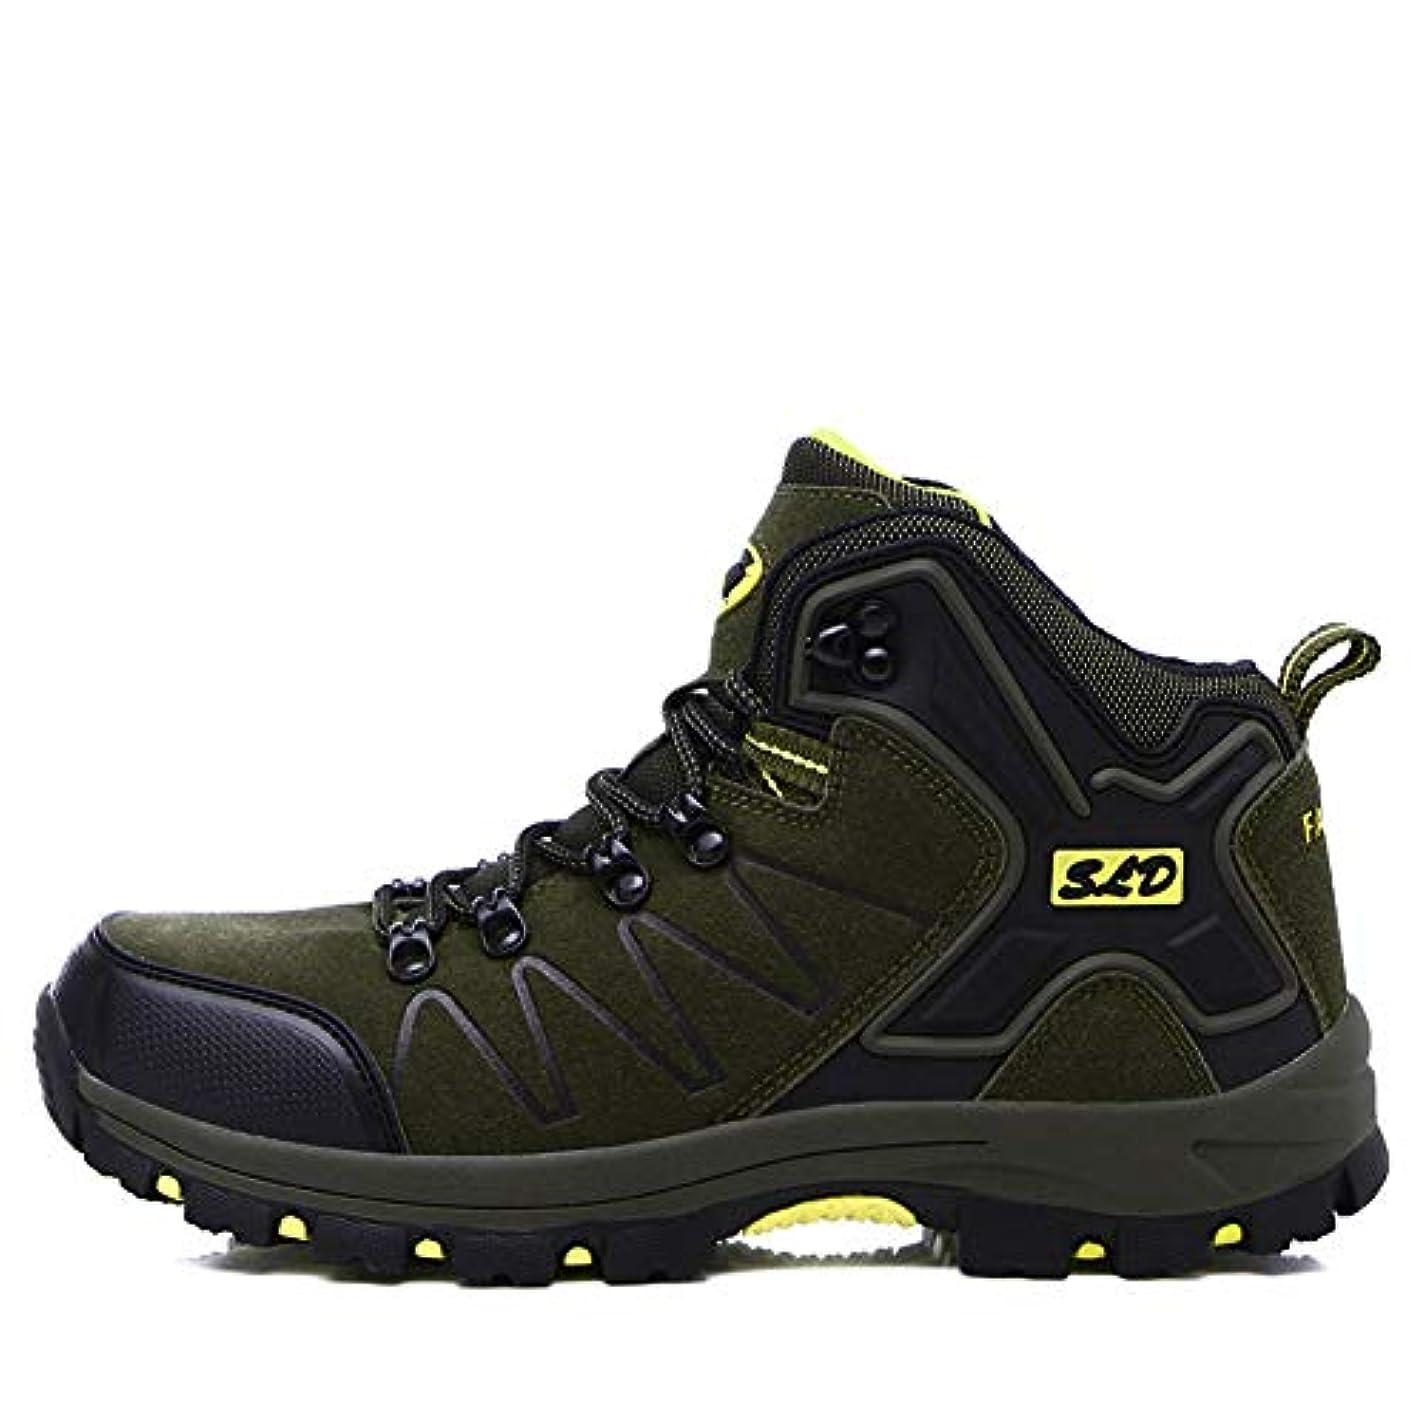 プラットフォームどうしたの外交官[TcIFE] トレッキングシューズ メンズ 防水 防滑 ハイカット 登山靴 大きいサイズ ハイキングシューズ メンズ 耐磨耗 ハイキングシューズ メンズ 通気性 スニーカー